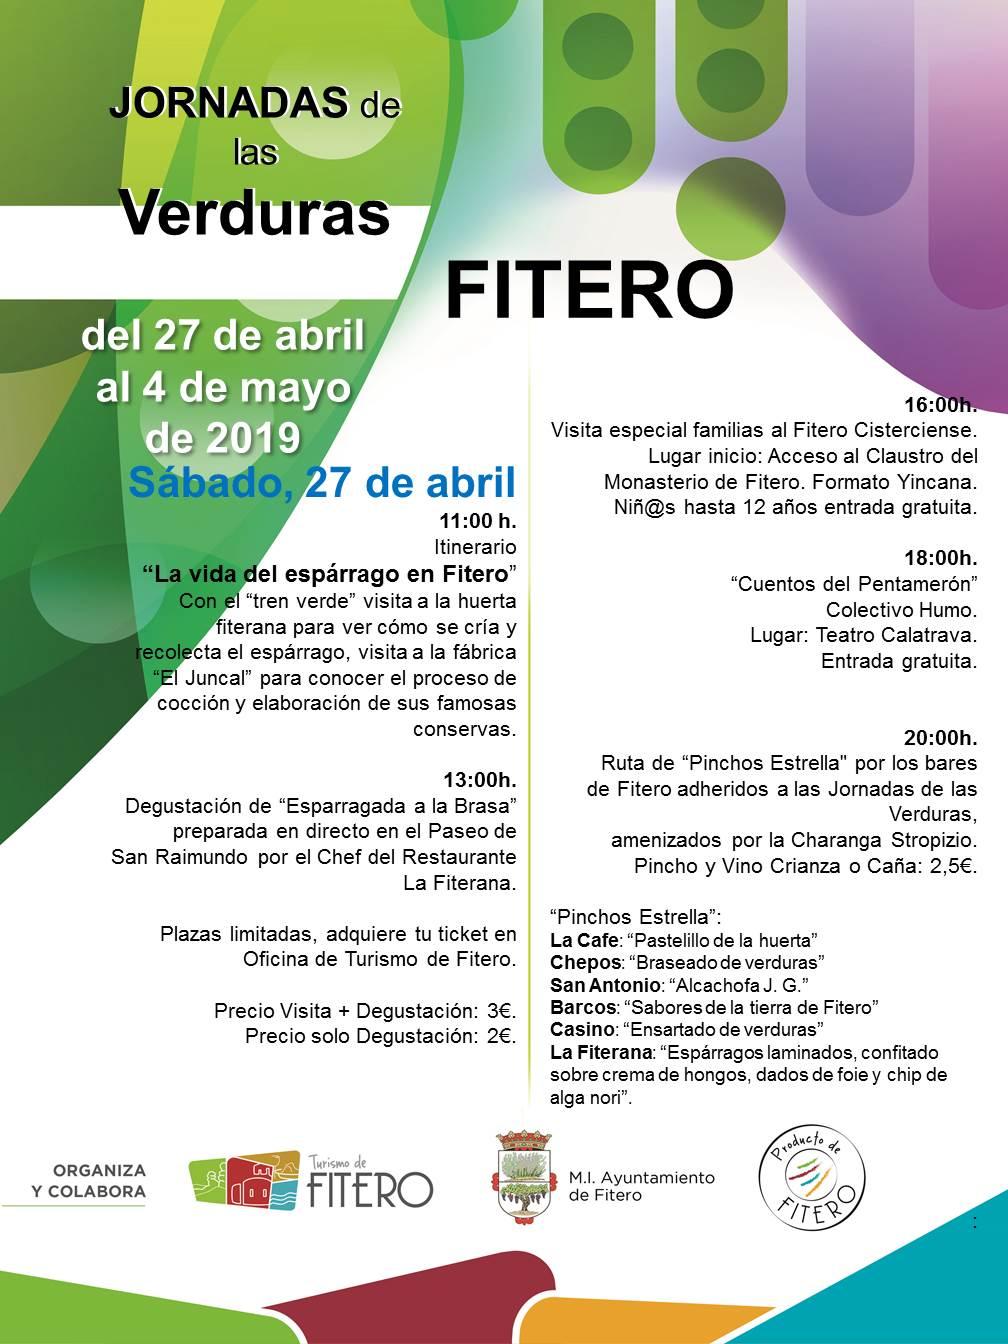 Jornadas de las Verduras en Fitero, cartel de actos organizados para el 27 de abril